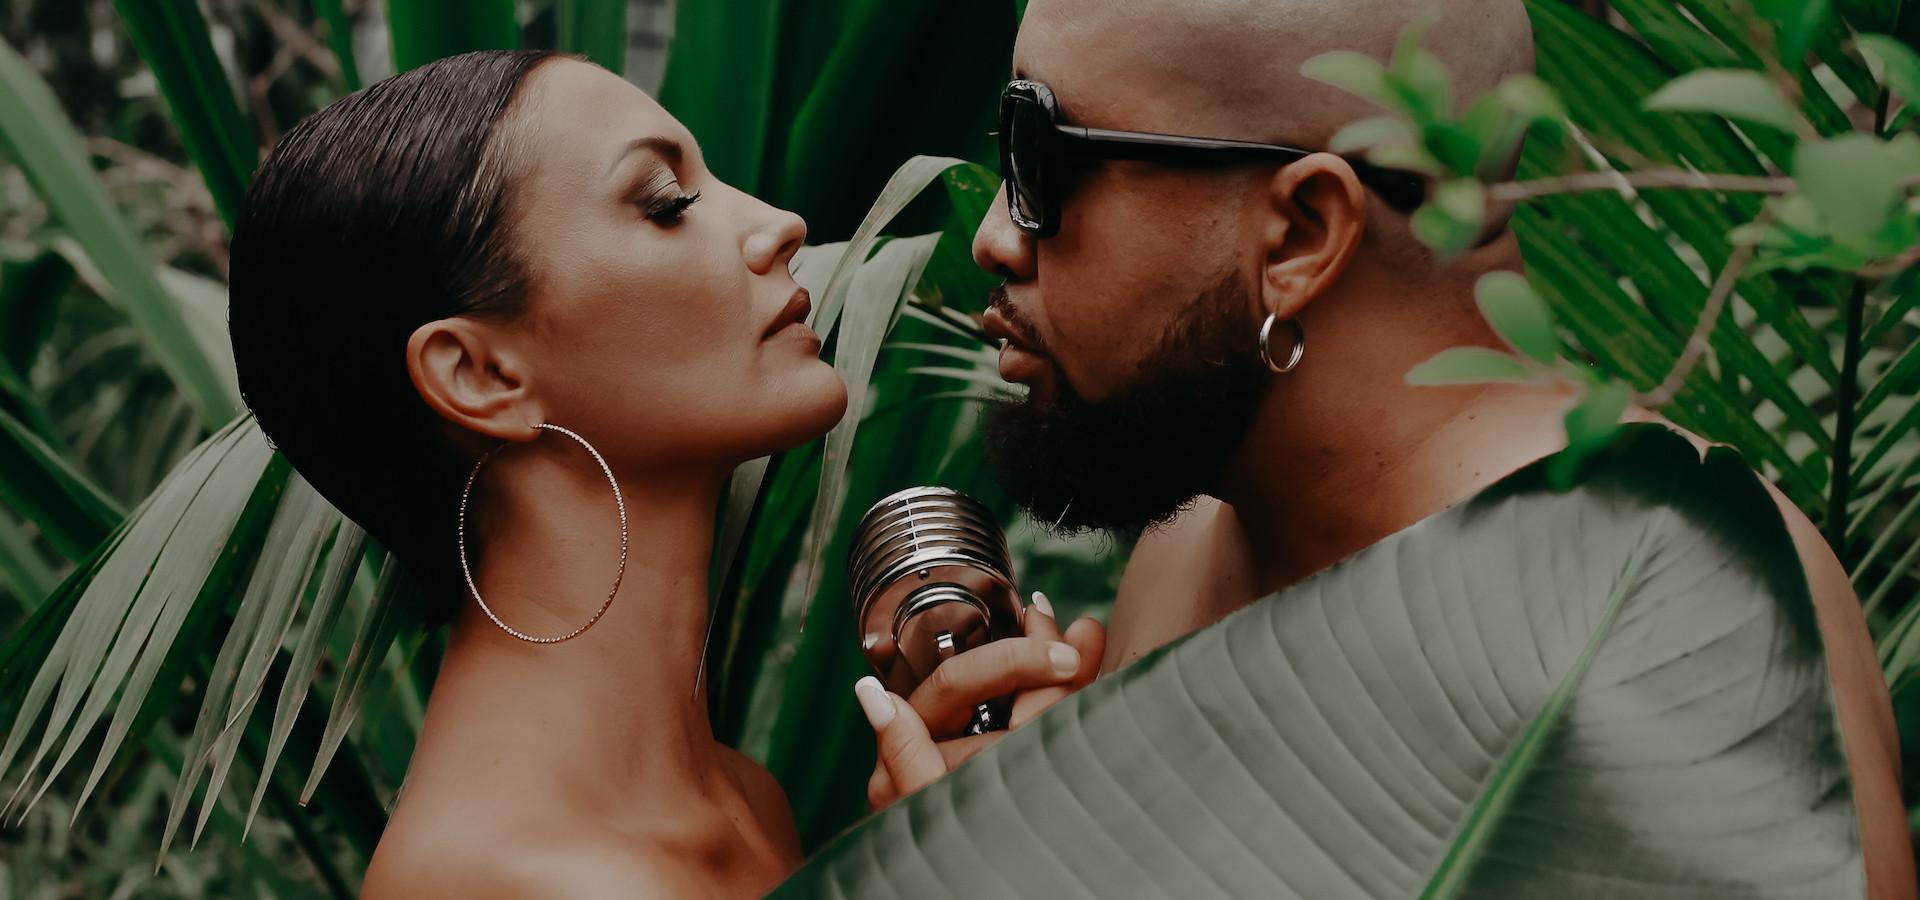 Cinematic Lady & Willie Key «Утро в Гаване». Концерт в оранжерее фото